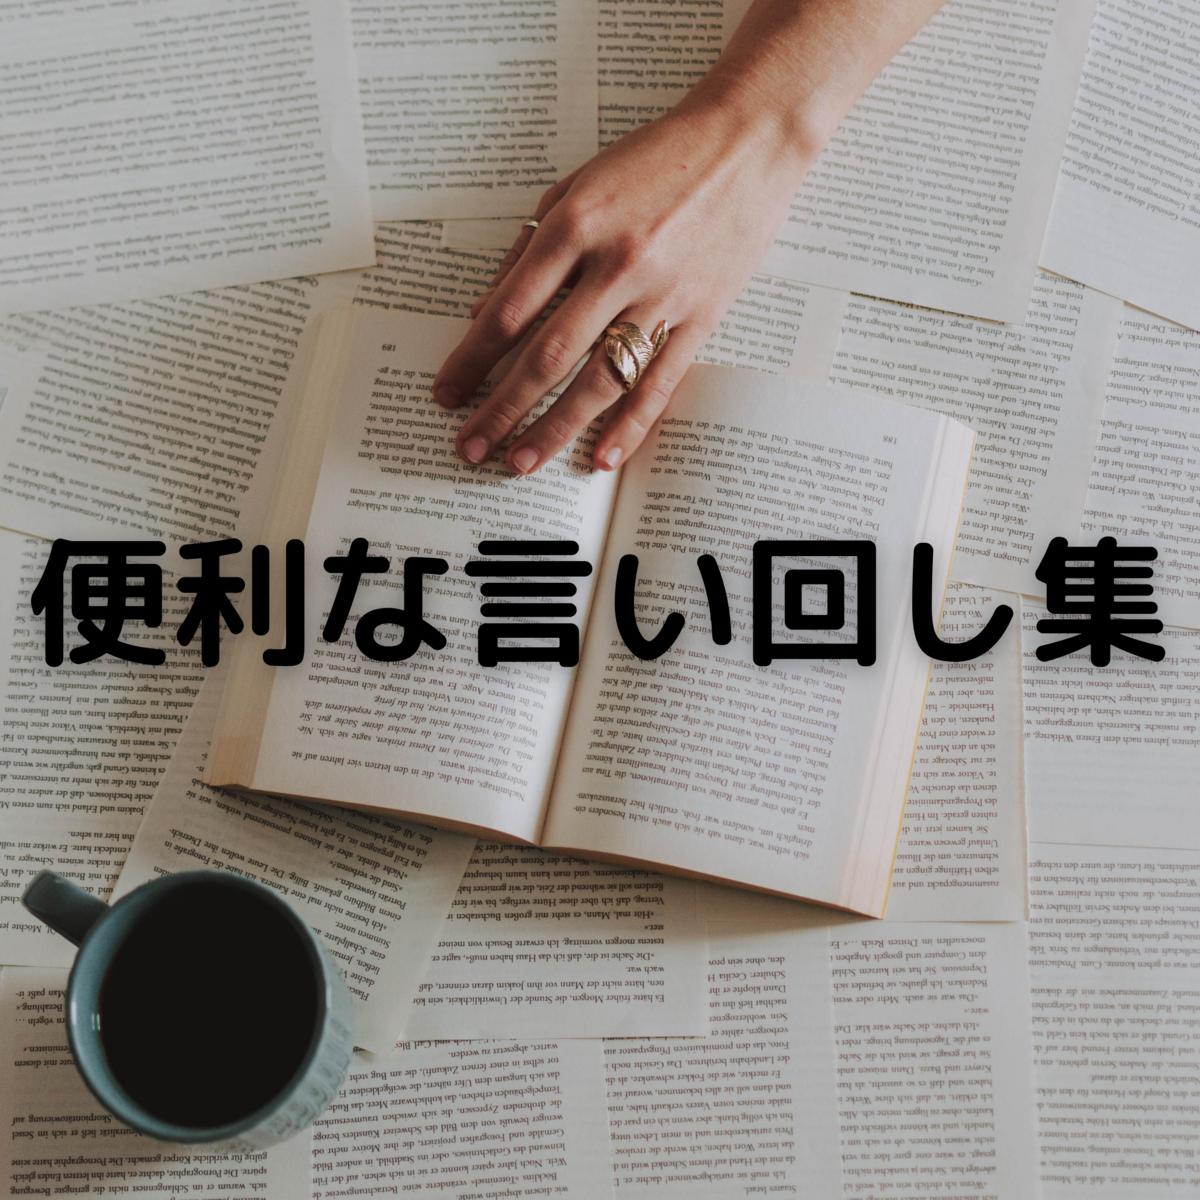 f:id:blue_otorihiki:20200728033751p:plain